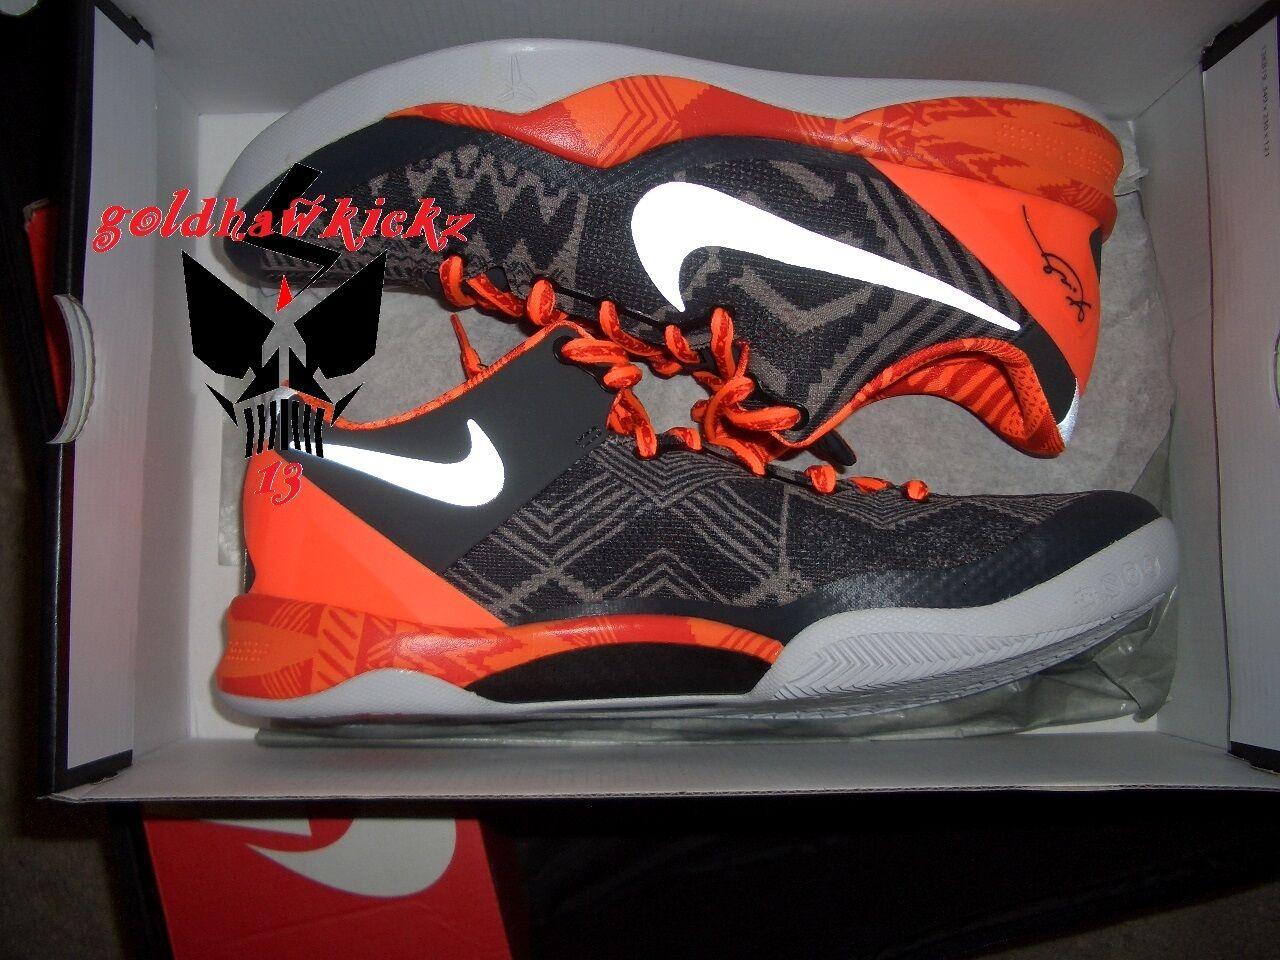 Nike Kobe 8 mes VIII sistema BHM el mes 8 de la historia negra, negro, naranja, 3M nuevos zapatos para hombres y mujeres, el limitado tiempo de descuento c21904